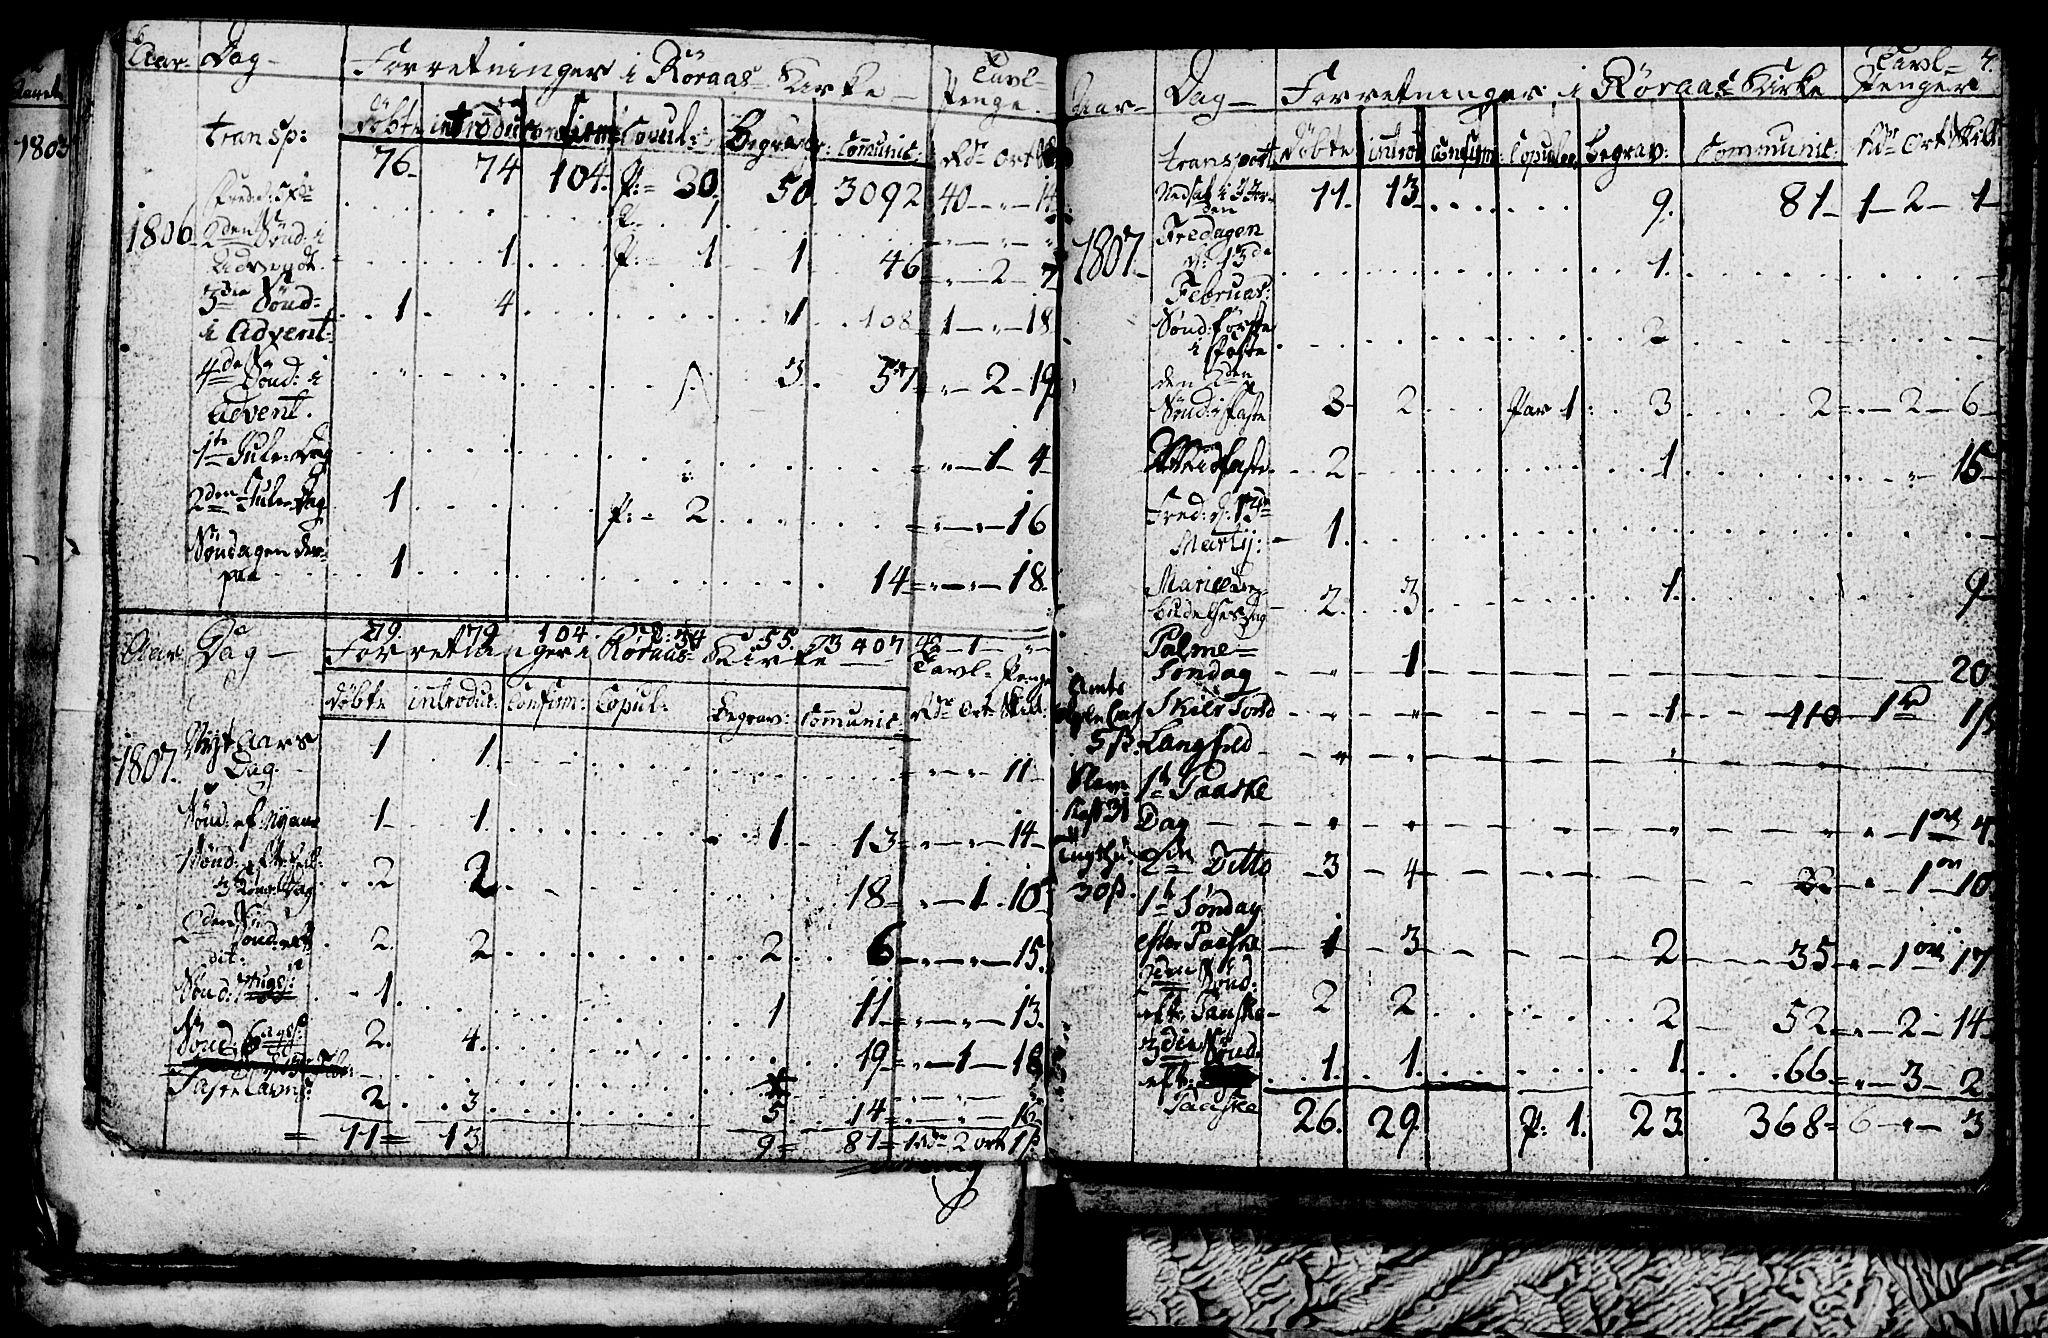 SAT, Ministerialprotokoller, klokkerbøker og fødselsregistre - Sør-Trøndelag, 681/L0937: Klokkerbok nr. 681C01, 1798-1810, s. 6-7